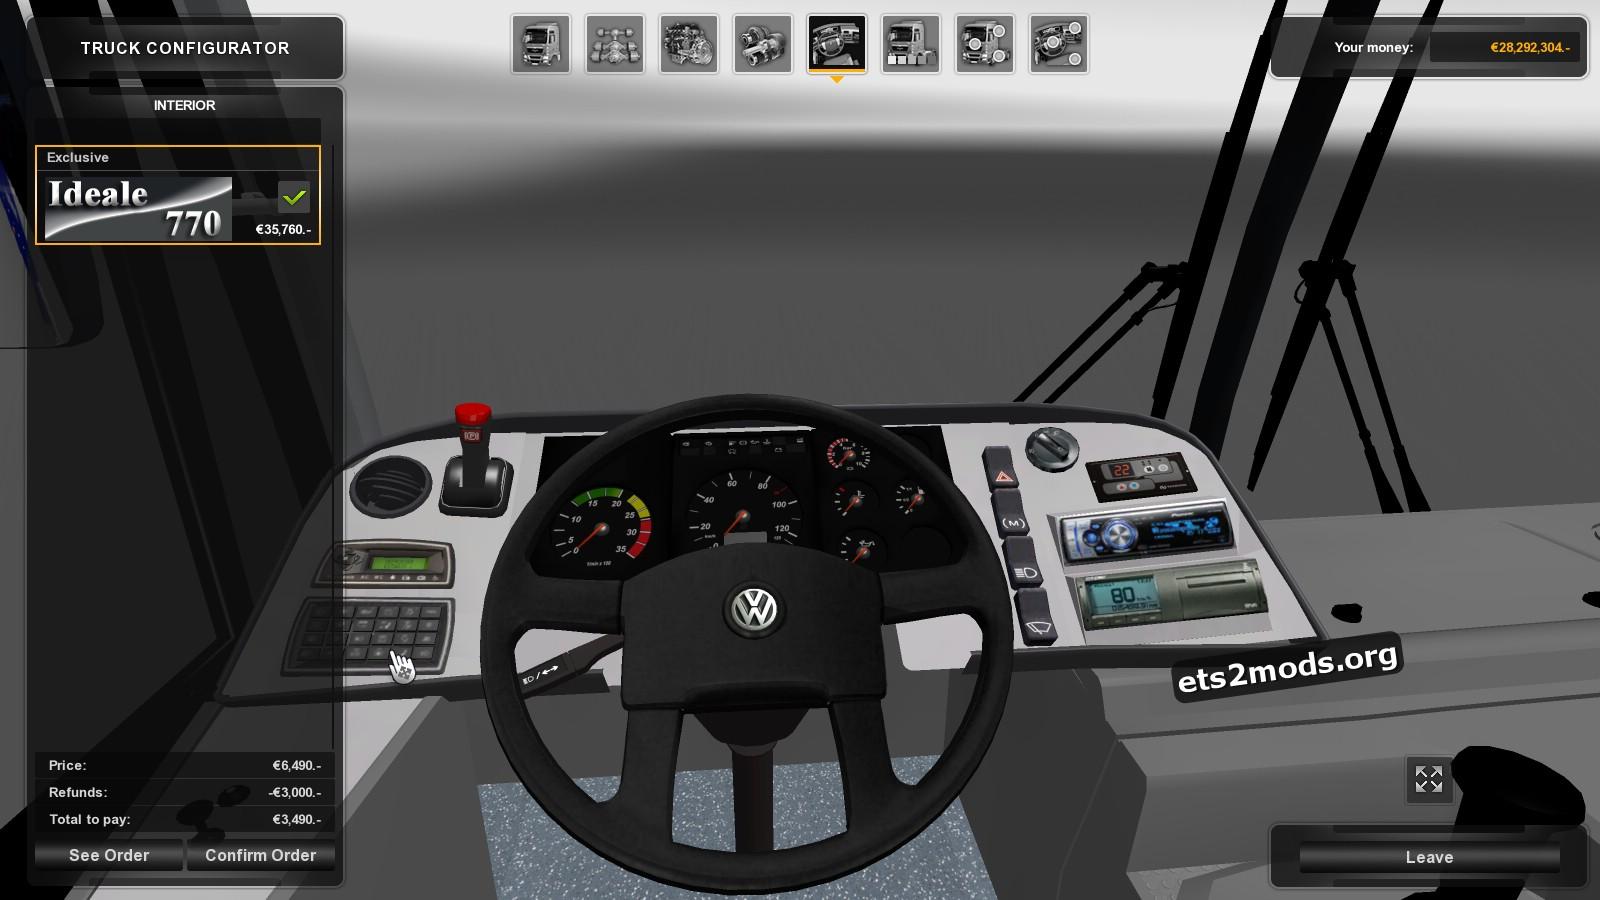 Bus - Volkswagen